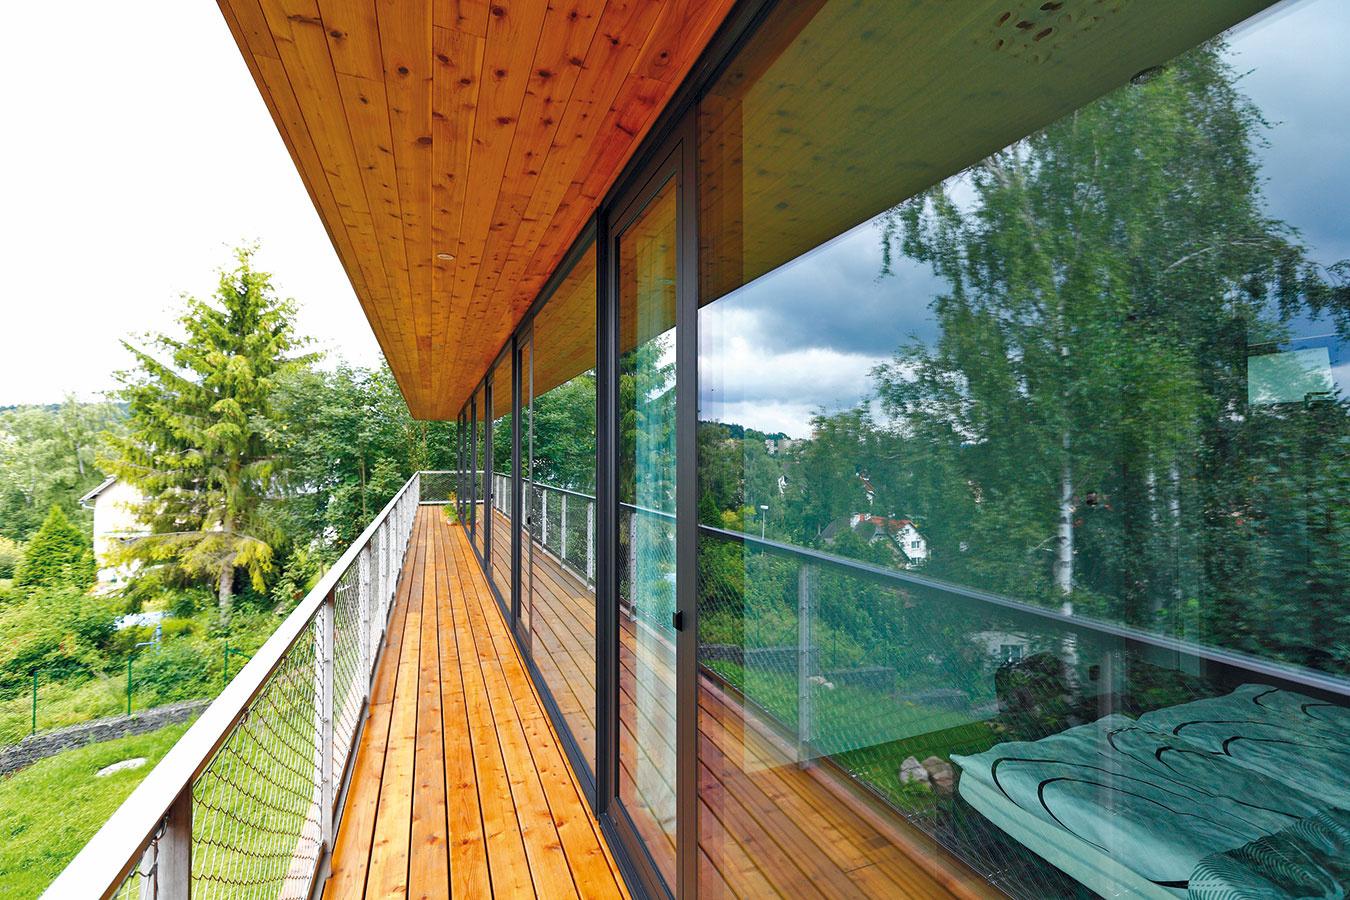 Vstup na terasu je možný zjedálne aj zostatných miestností, ktoré sa nachádzajú po jej dĺžke. Vďaka veľkoformátovému zaskleniu je dom svetlý, prirodzene prepojený sexteriérom, vktorom prevažuje upokojujúca zeleň.